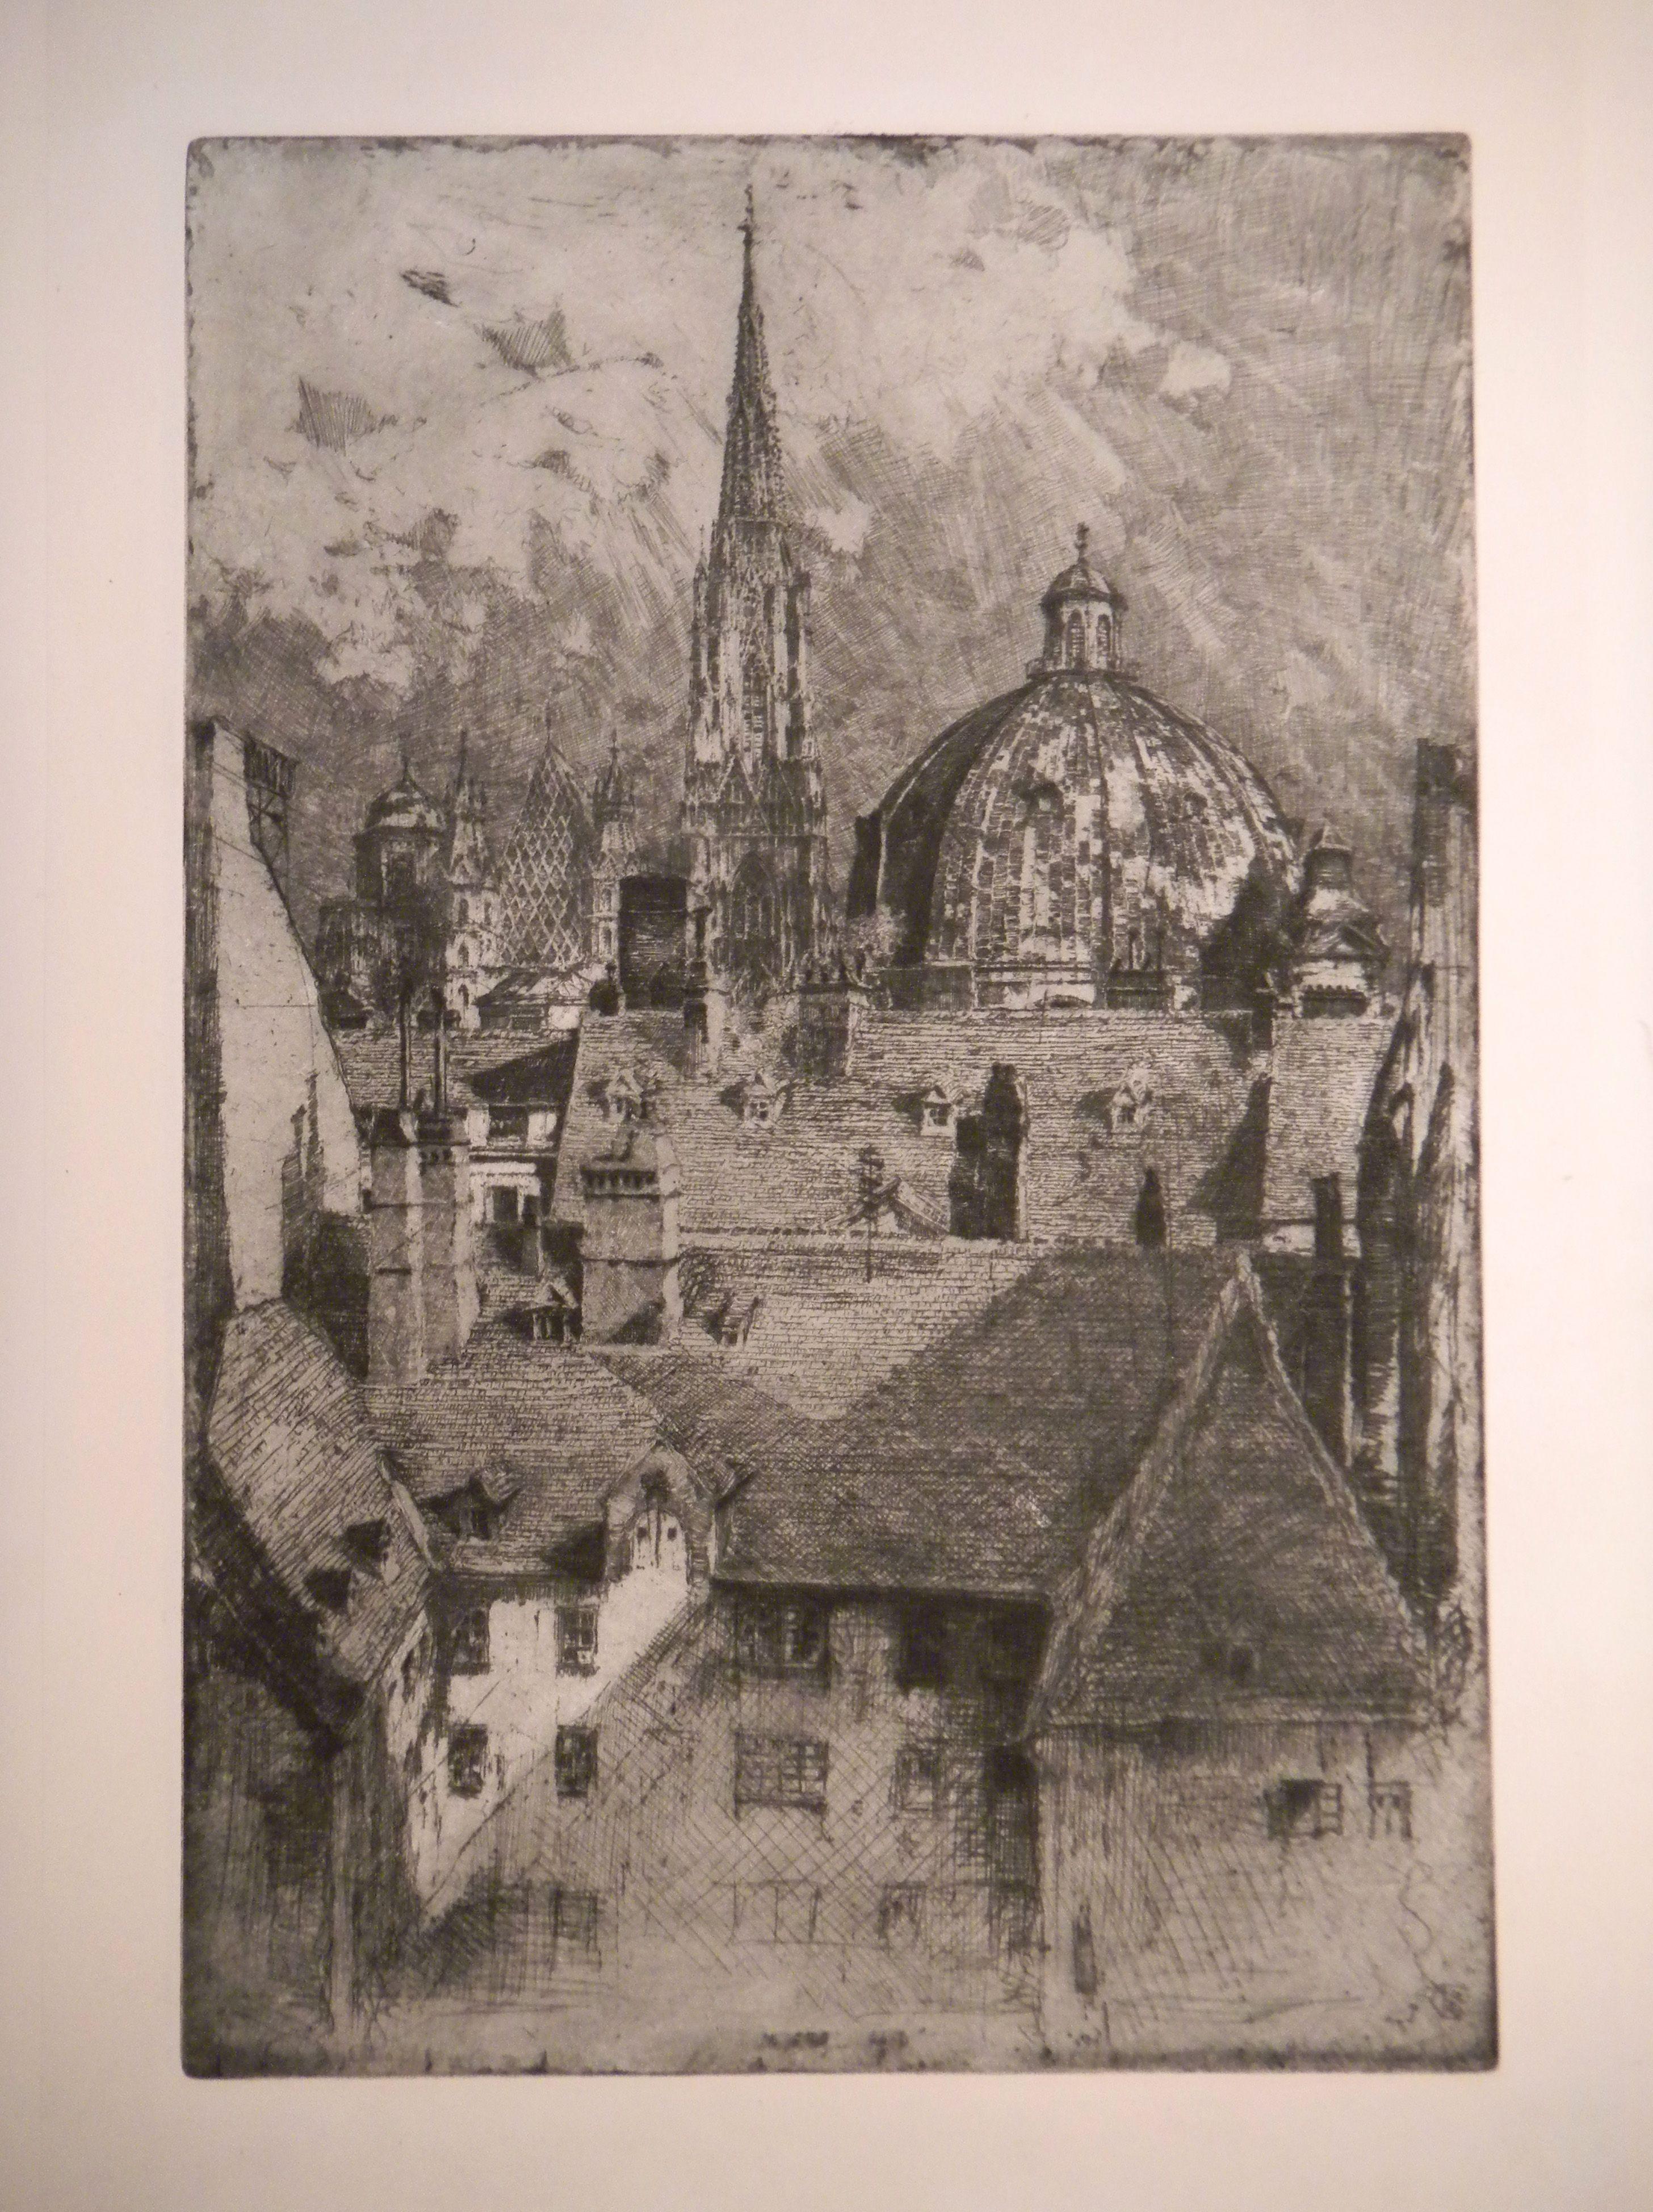 KASIMIR, Luigi. Graphiker (1881-1962). [Wien - Stephansdom - Peterskirche - Dächer].